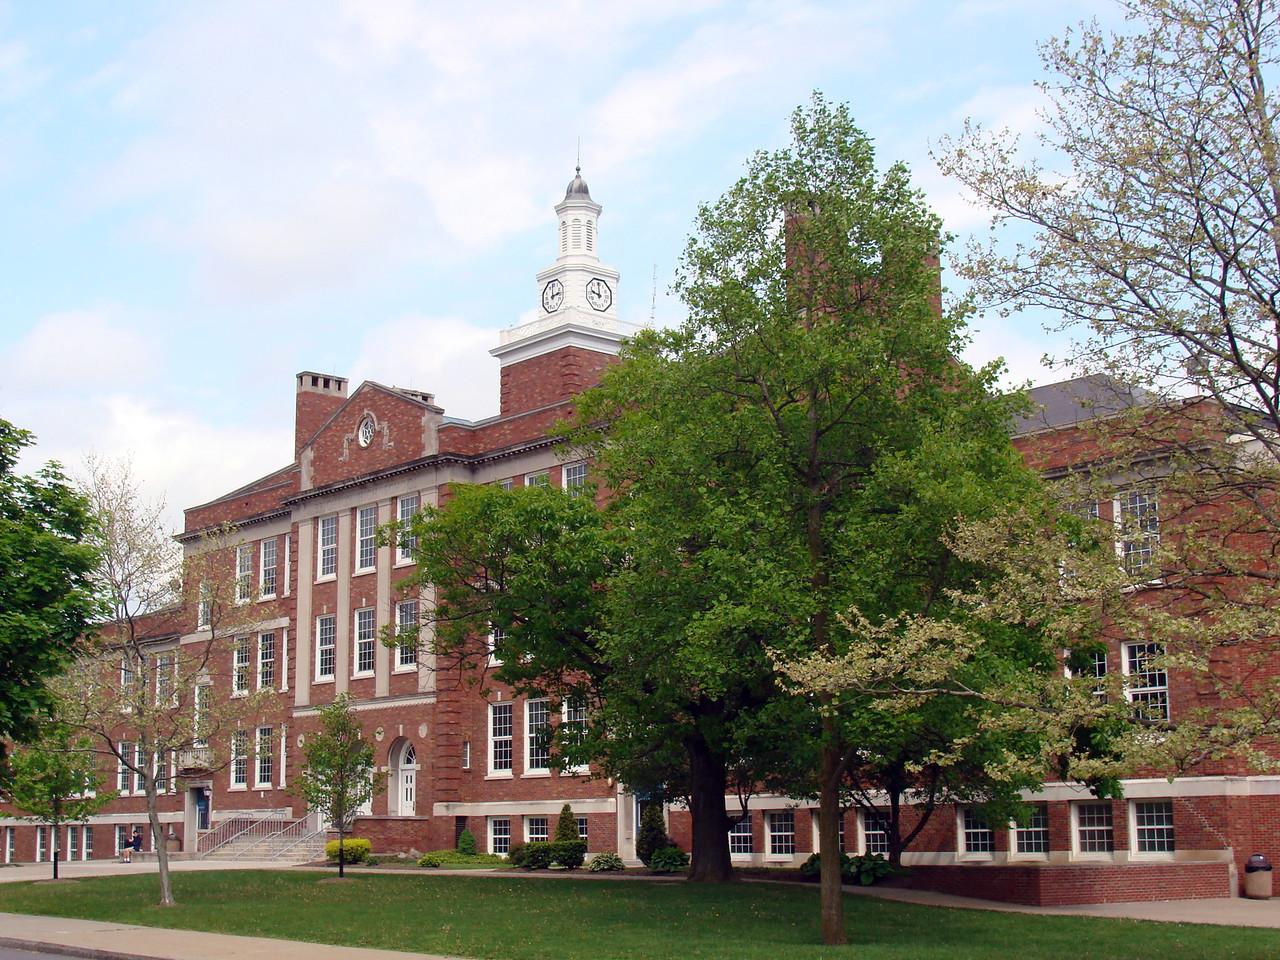 Brighton High School